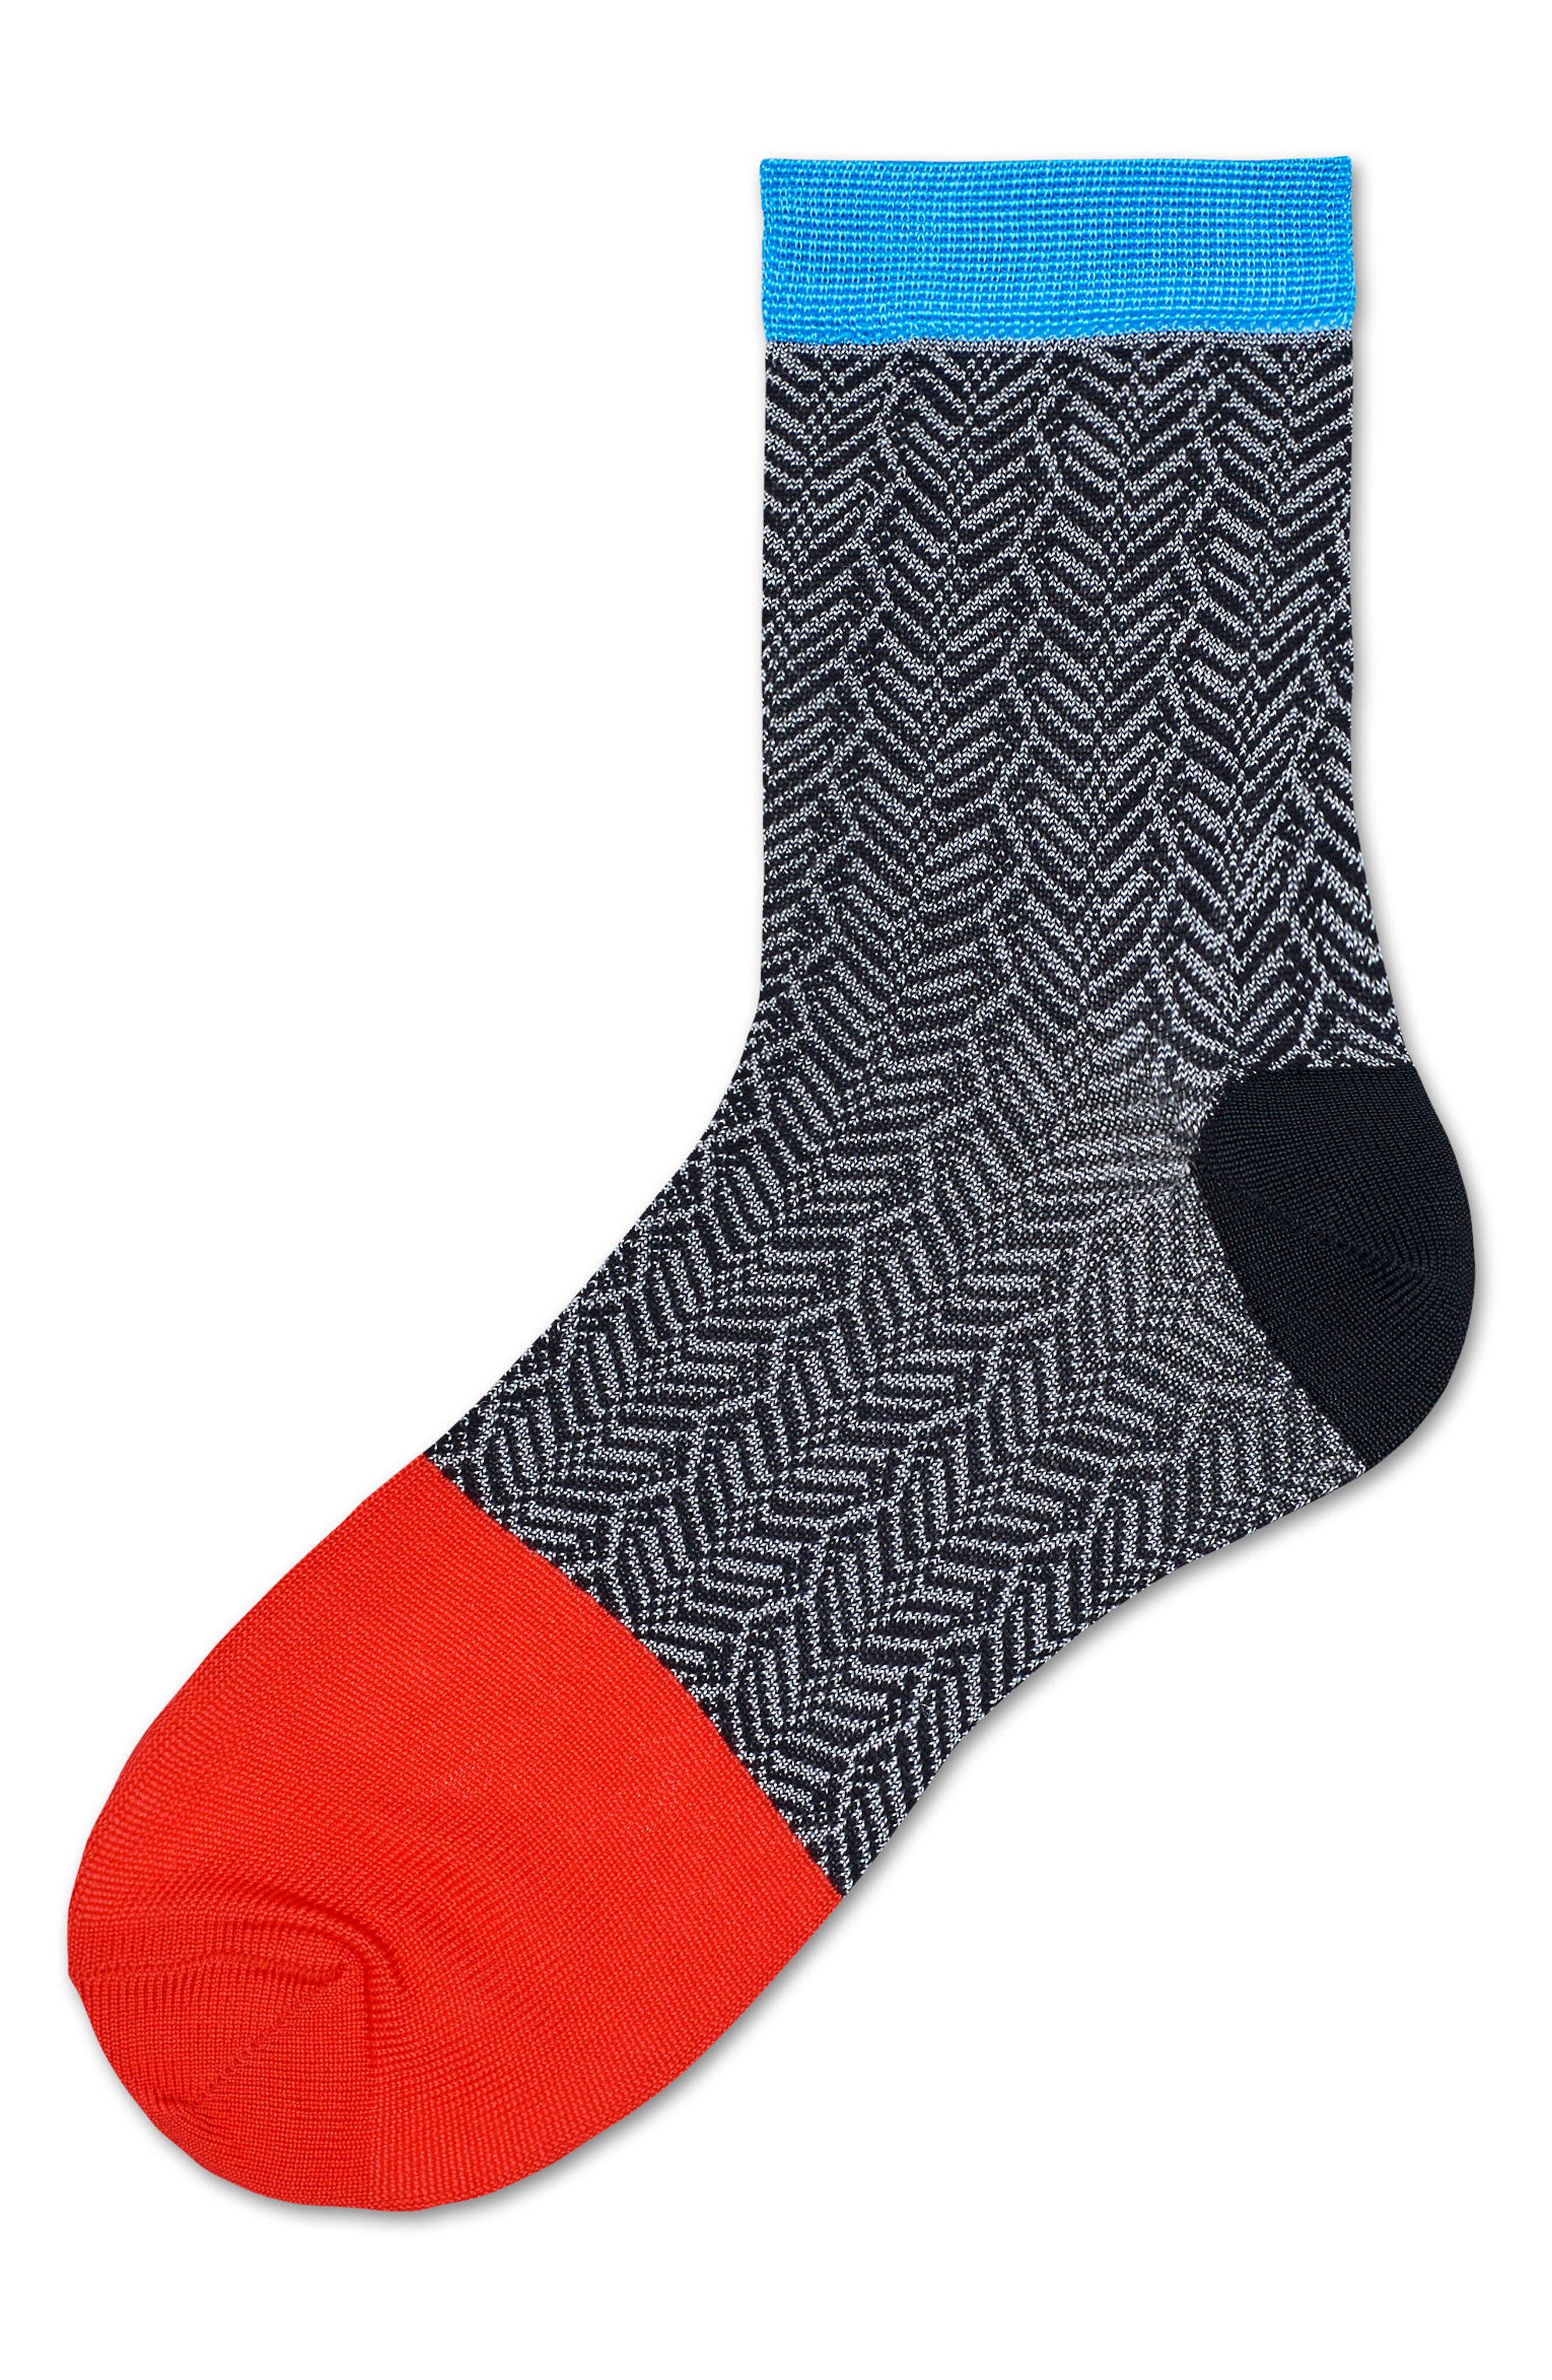 Jill Ankle Socks,                             Alternate thumbnail 2, color,                             013